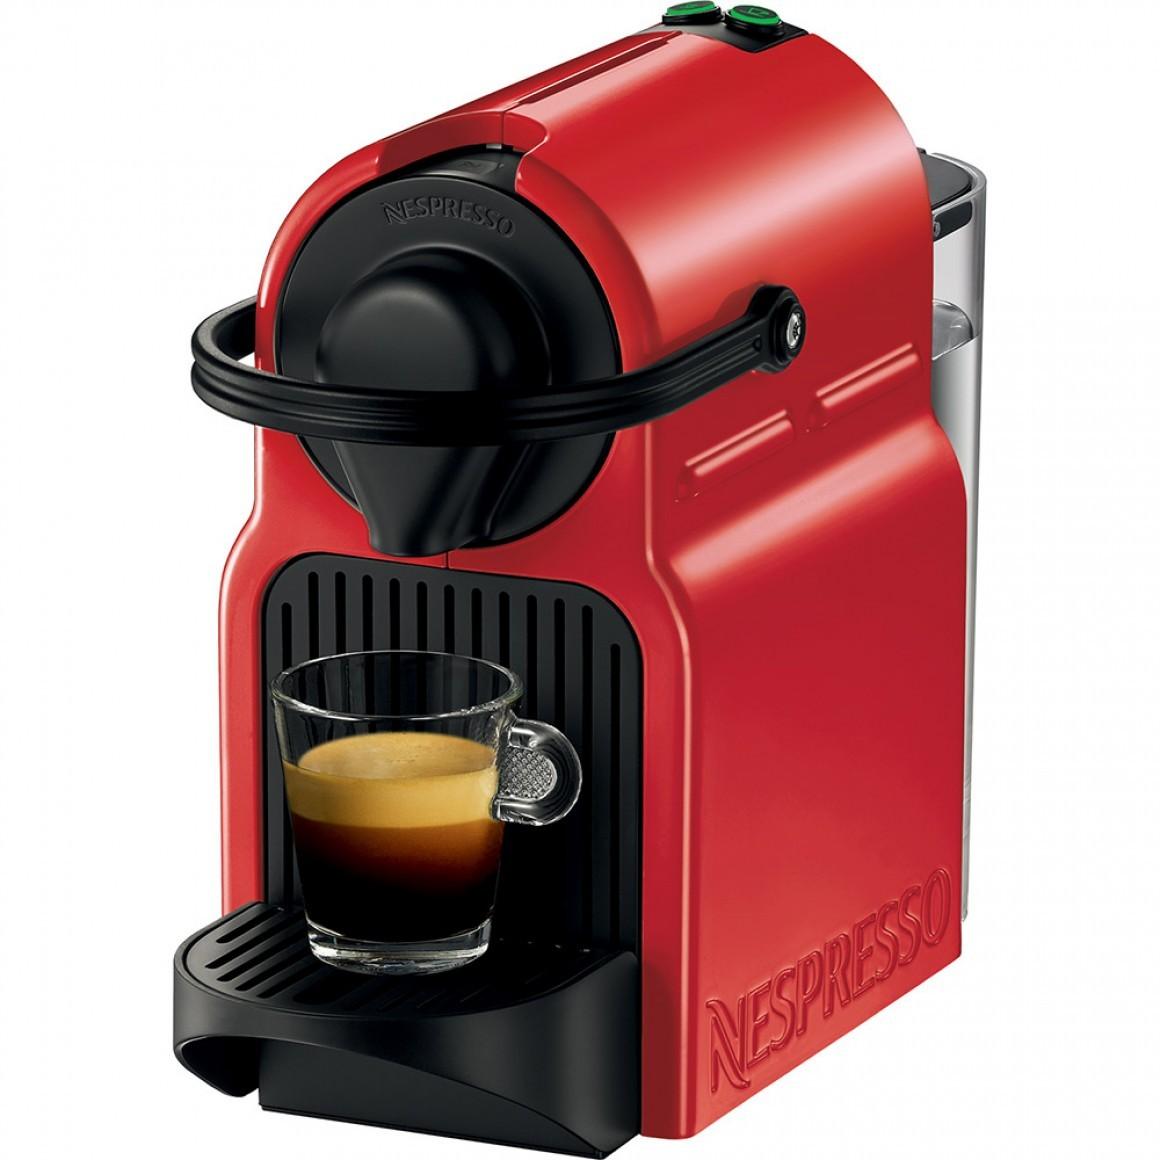 Cafeteira Expresso Nespresso Inissia Ruby Red